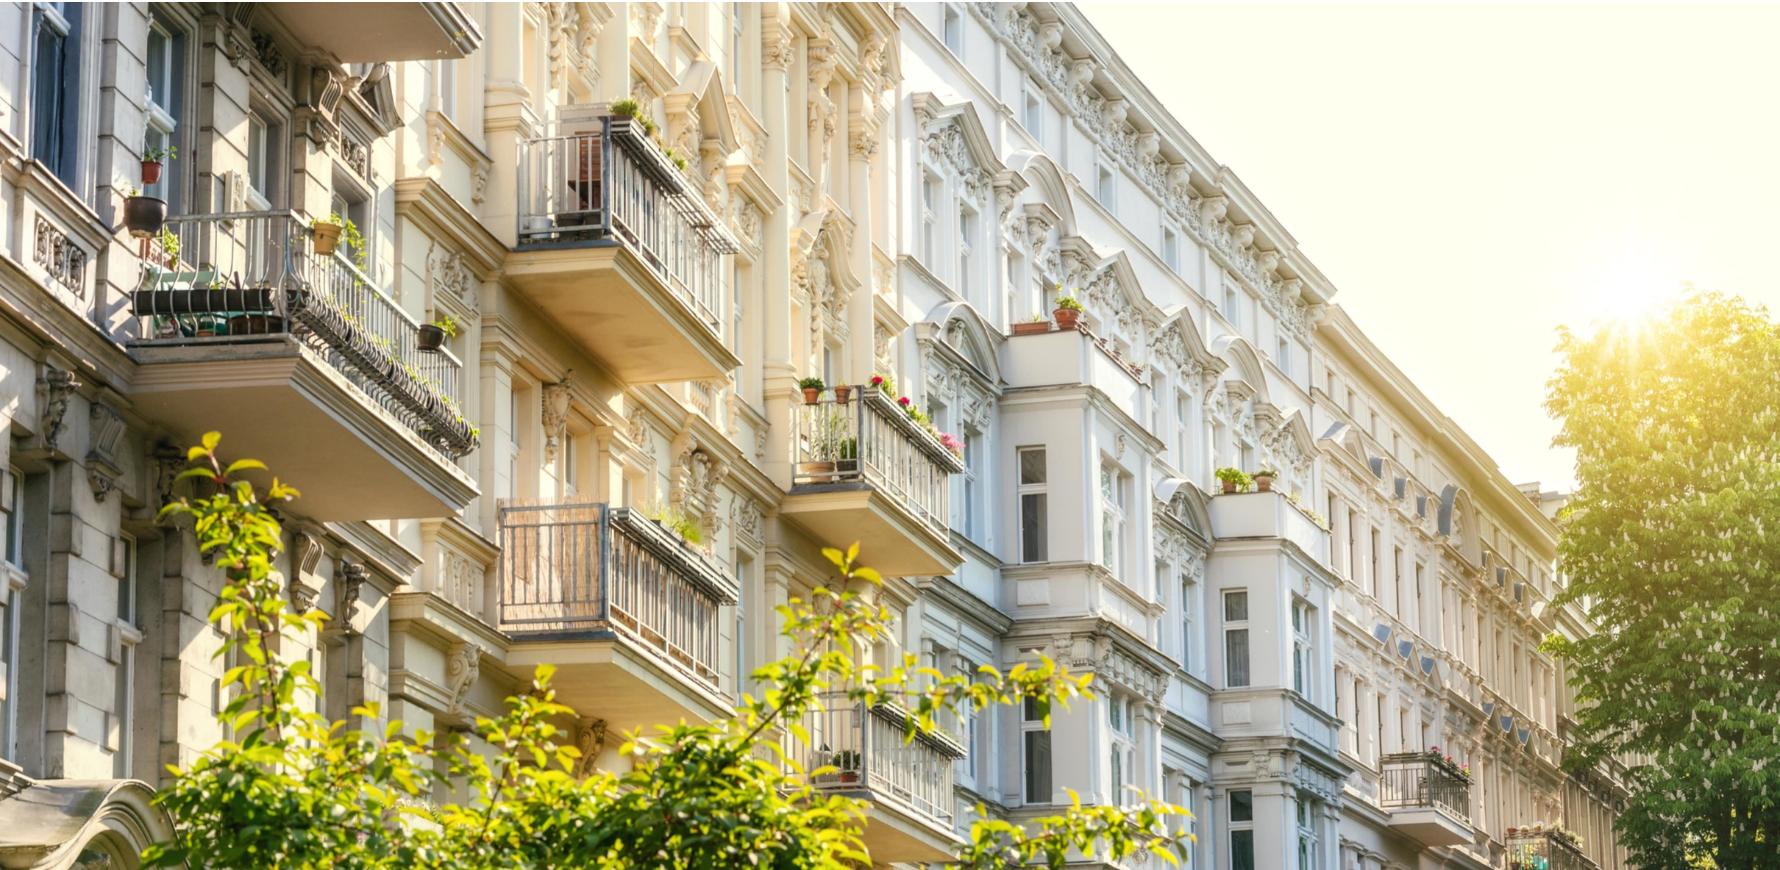 Der Immobilienbetrug und seine Folgen